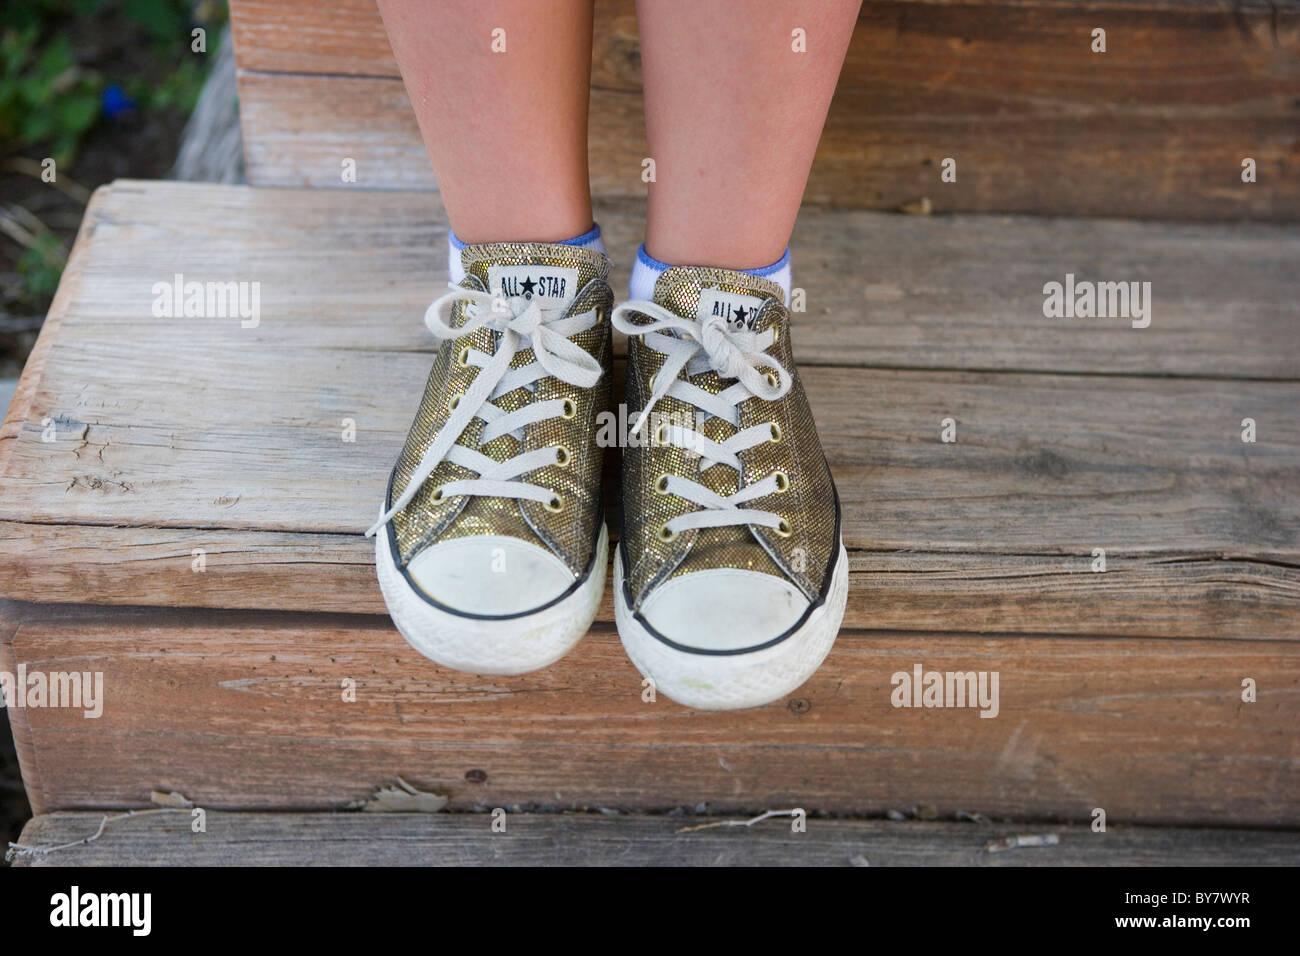 Converse All Star Stockfotos und bilder Kaufen Alamy